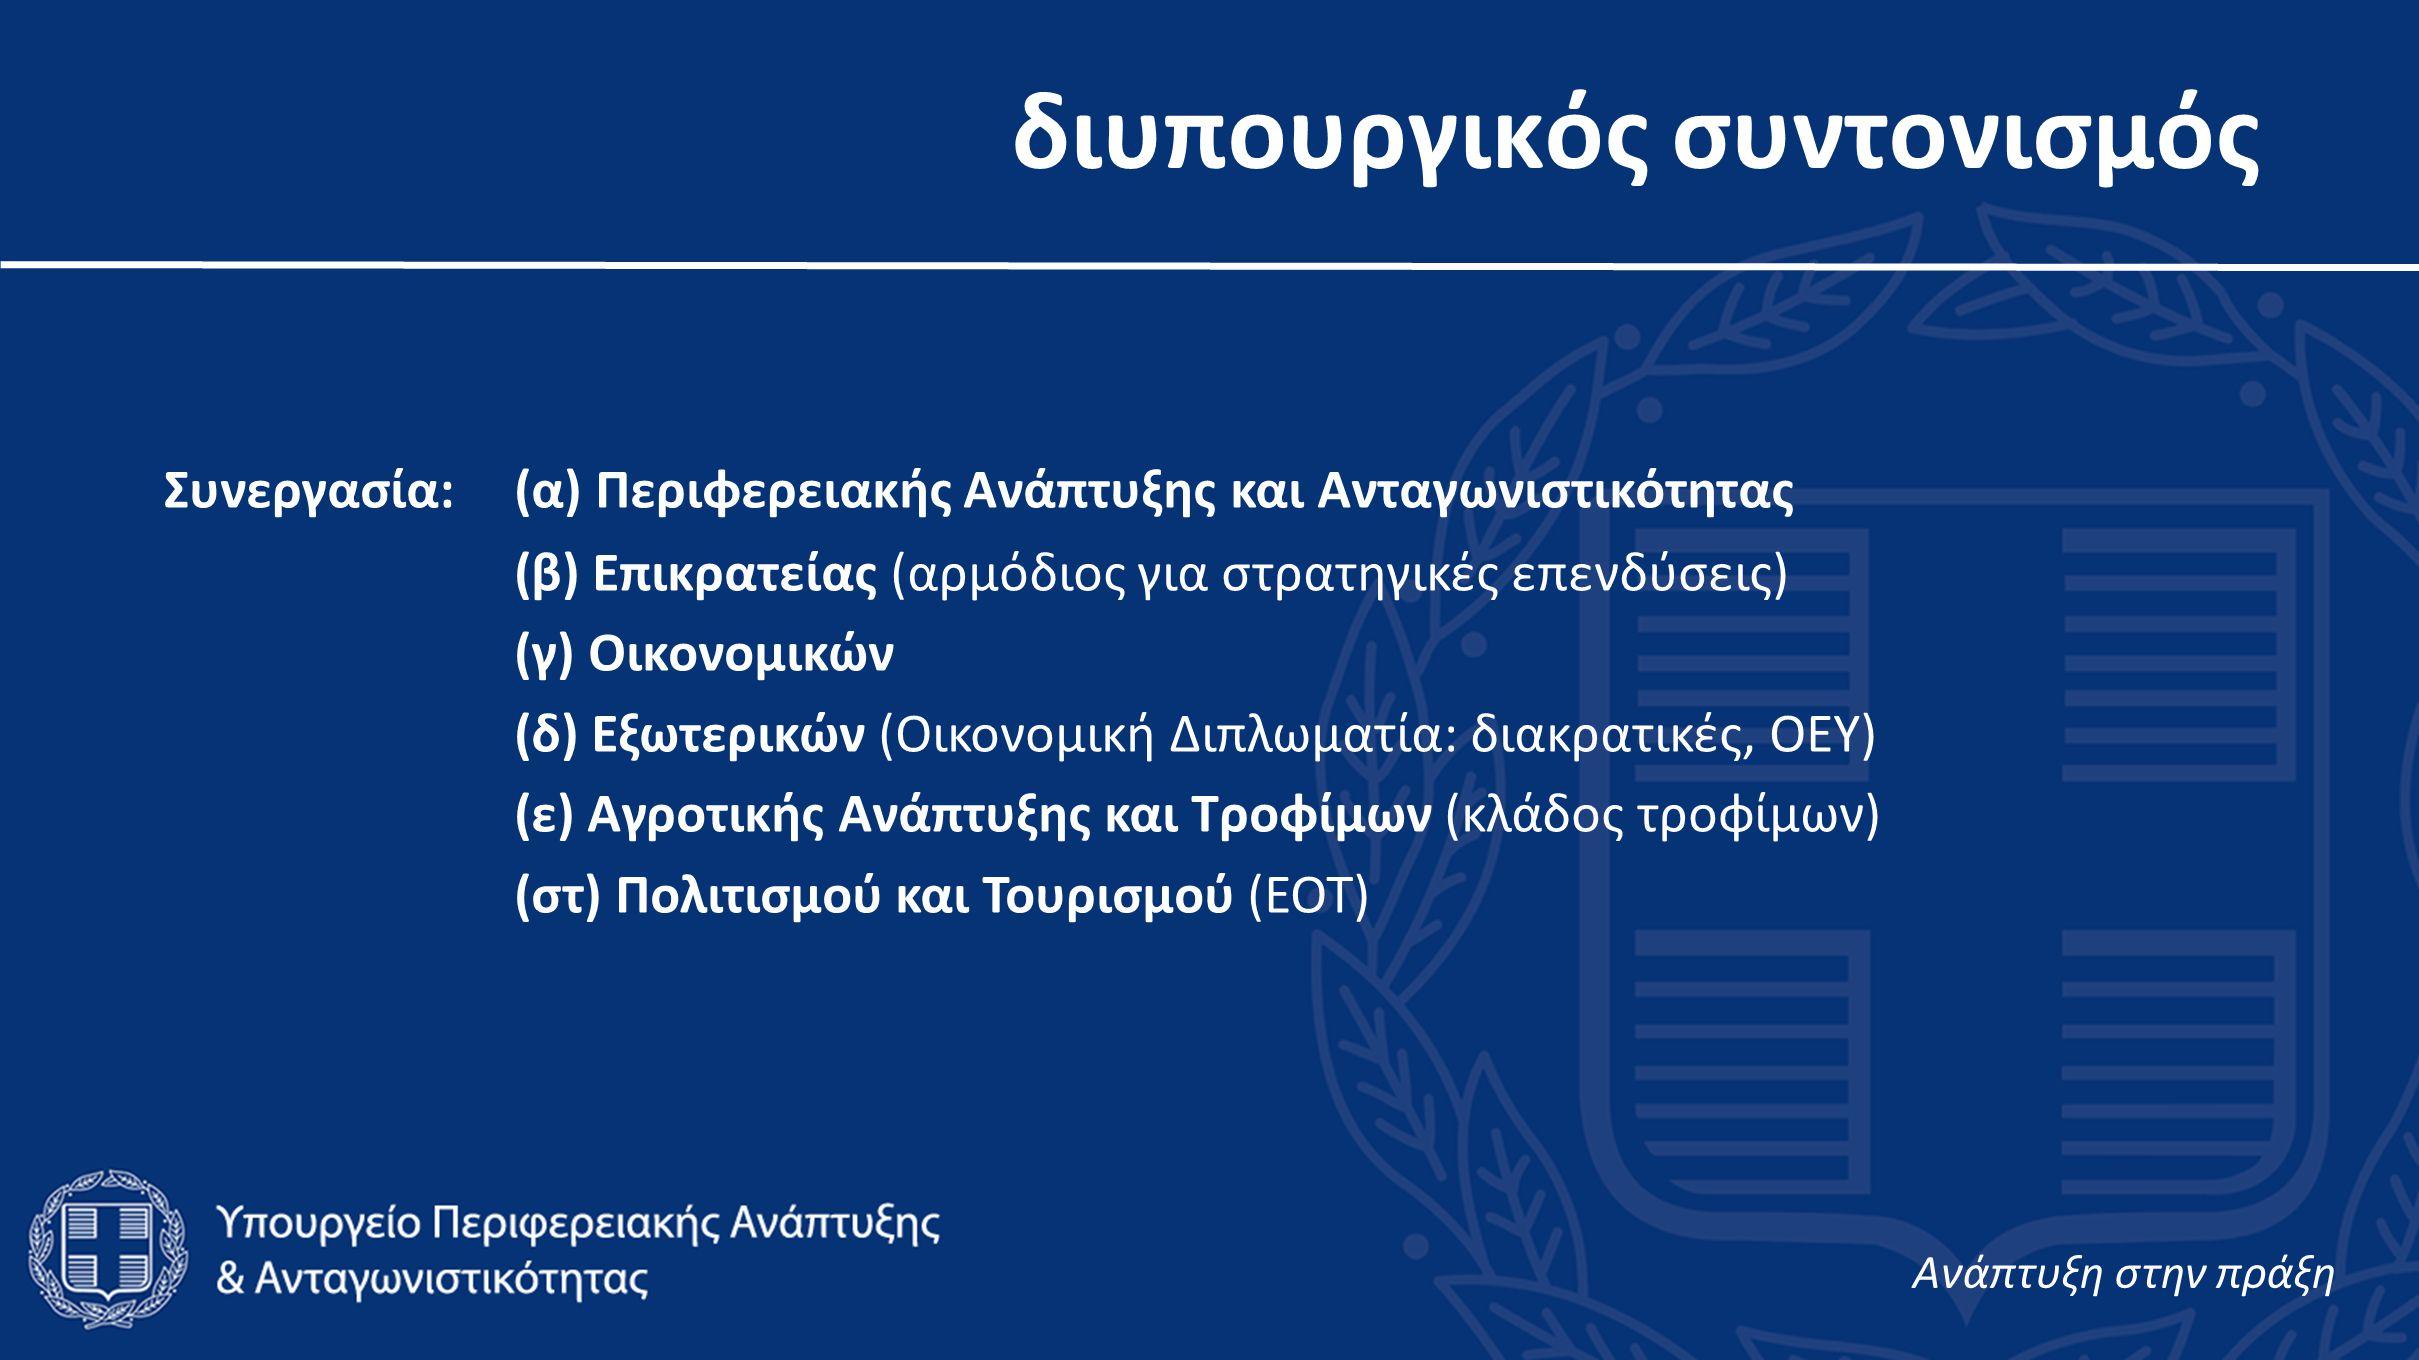 διυπουργικός συντονισμός Συνεργασία:(α) Περιφερειακής Ανάπτυξης και Ανταγωνιστικότητας (β) Επικρατείας (αρμόδιος για στρατηγικές επενδύσεις) (γ) Οικονομικών (δ) Εξωτερικών (Οικονομική Διπλωματία: διακρατικές, ΟΕΥ) (ε) Αγροτικής Ανάπτυξης και Τροφίμων (κλάδος τροφίμων) (στ) Πολιτισμού και Τουρισμού (ΕΟΤ) Aνάπτυξη στην πράξη